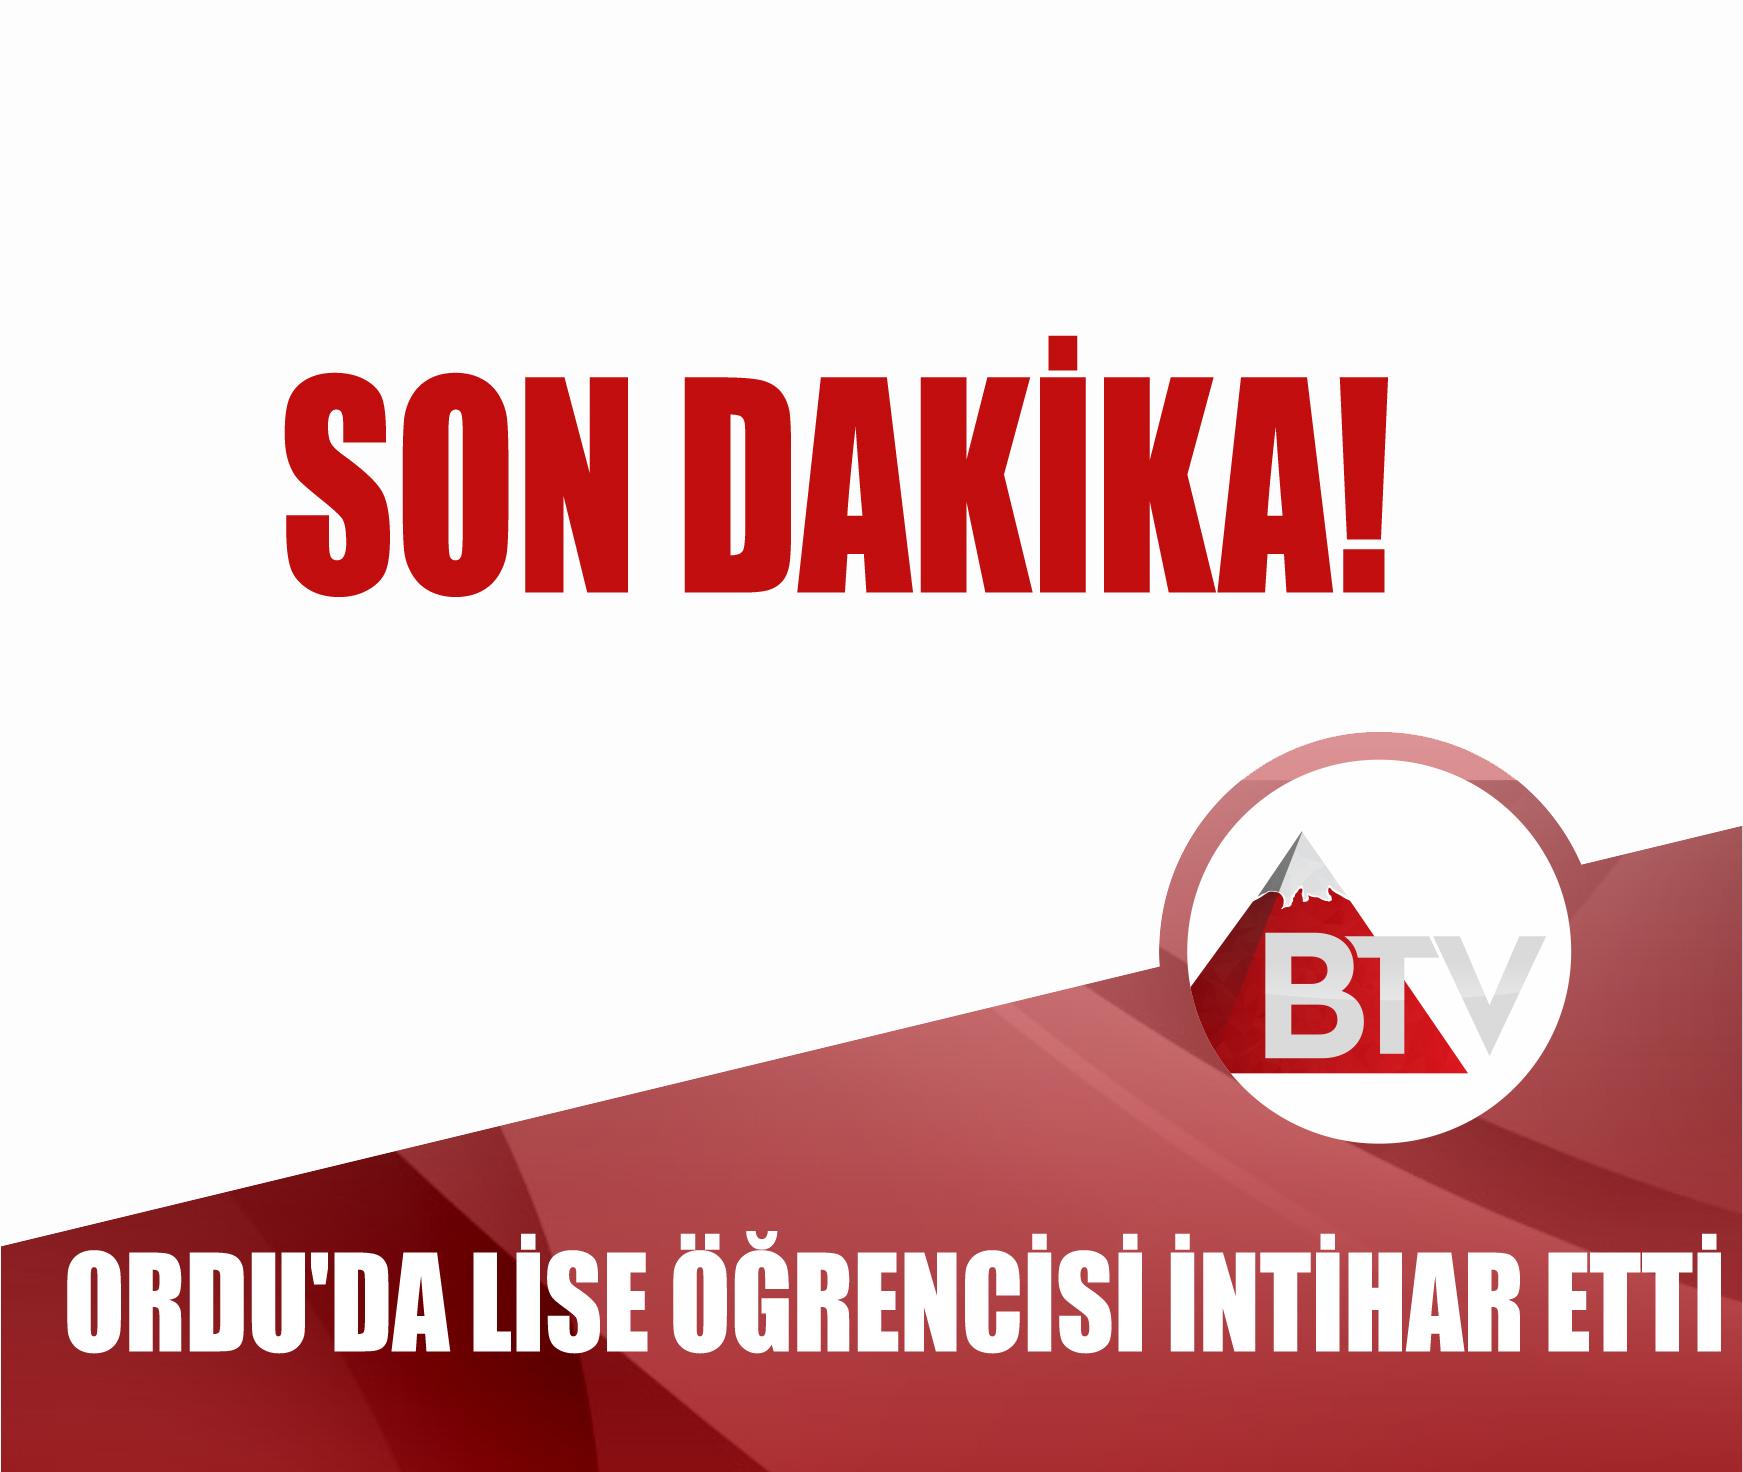 ORDU'DA LİSE ÖĞRENCİSİ İNTİHAR ETTİ